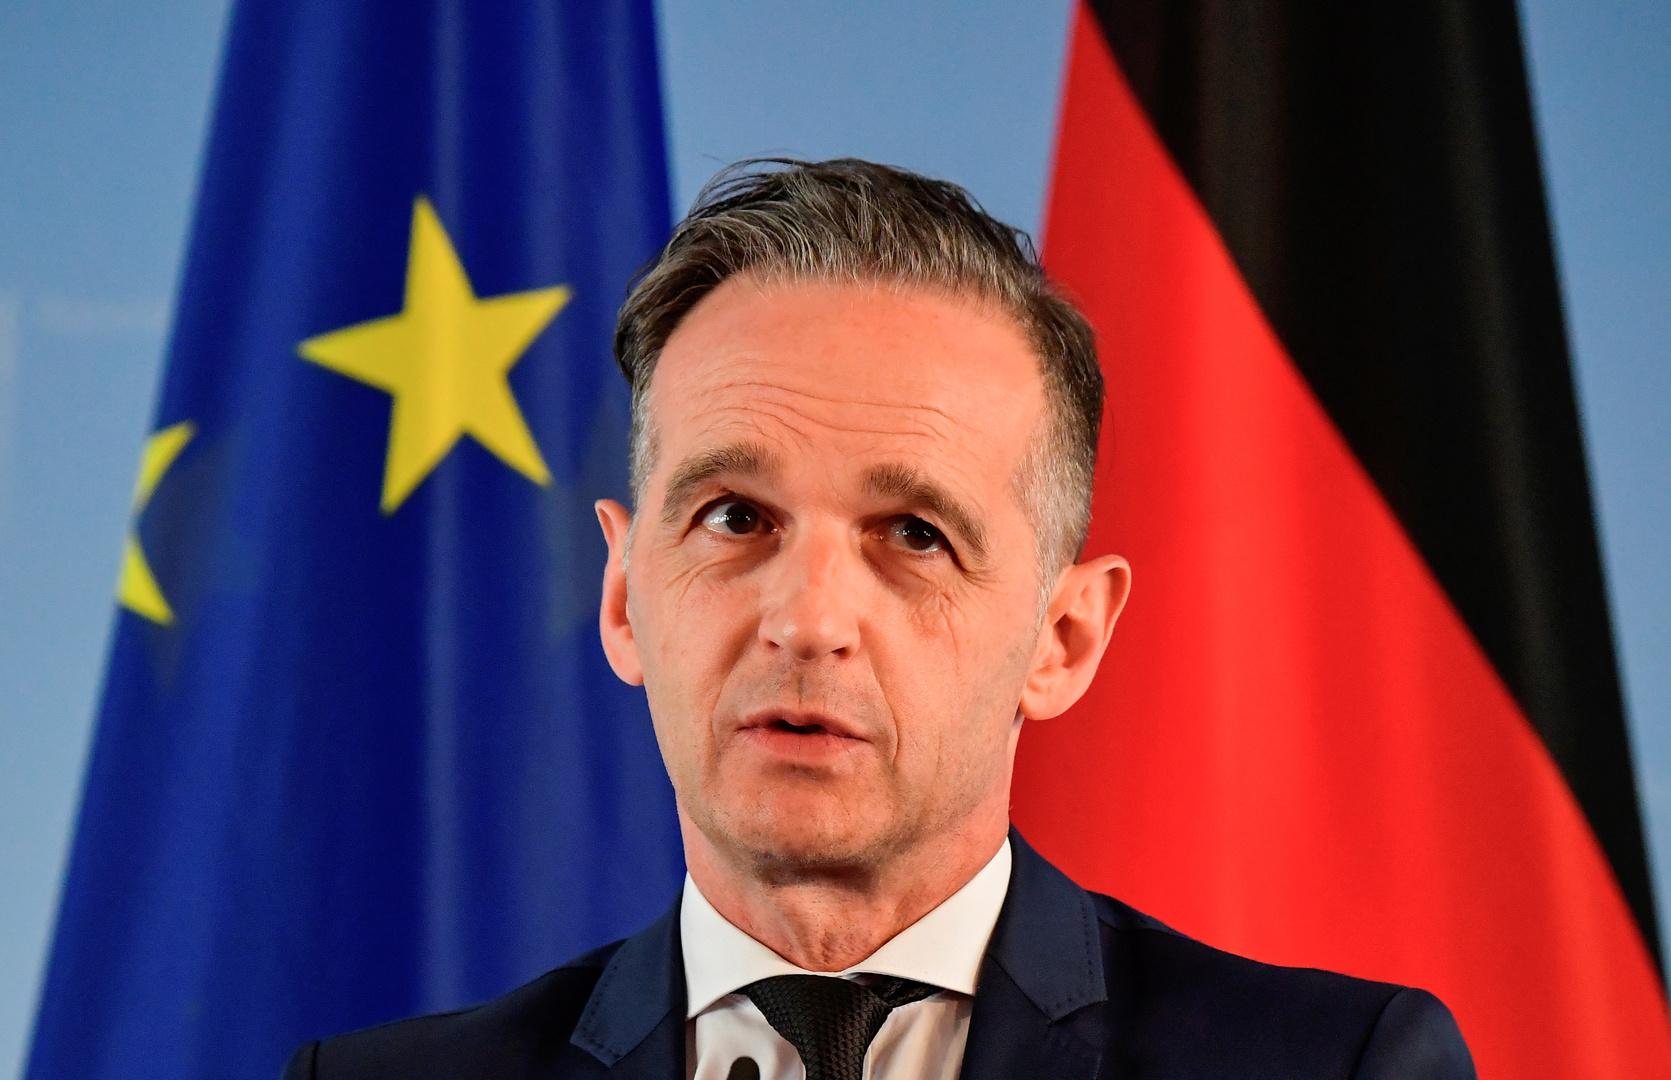 وزير الخارجية الألماني هايكو ماس